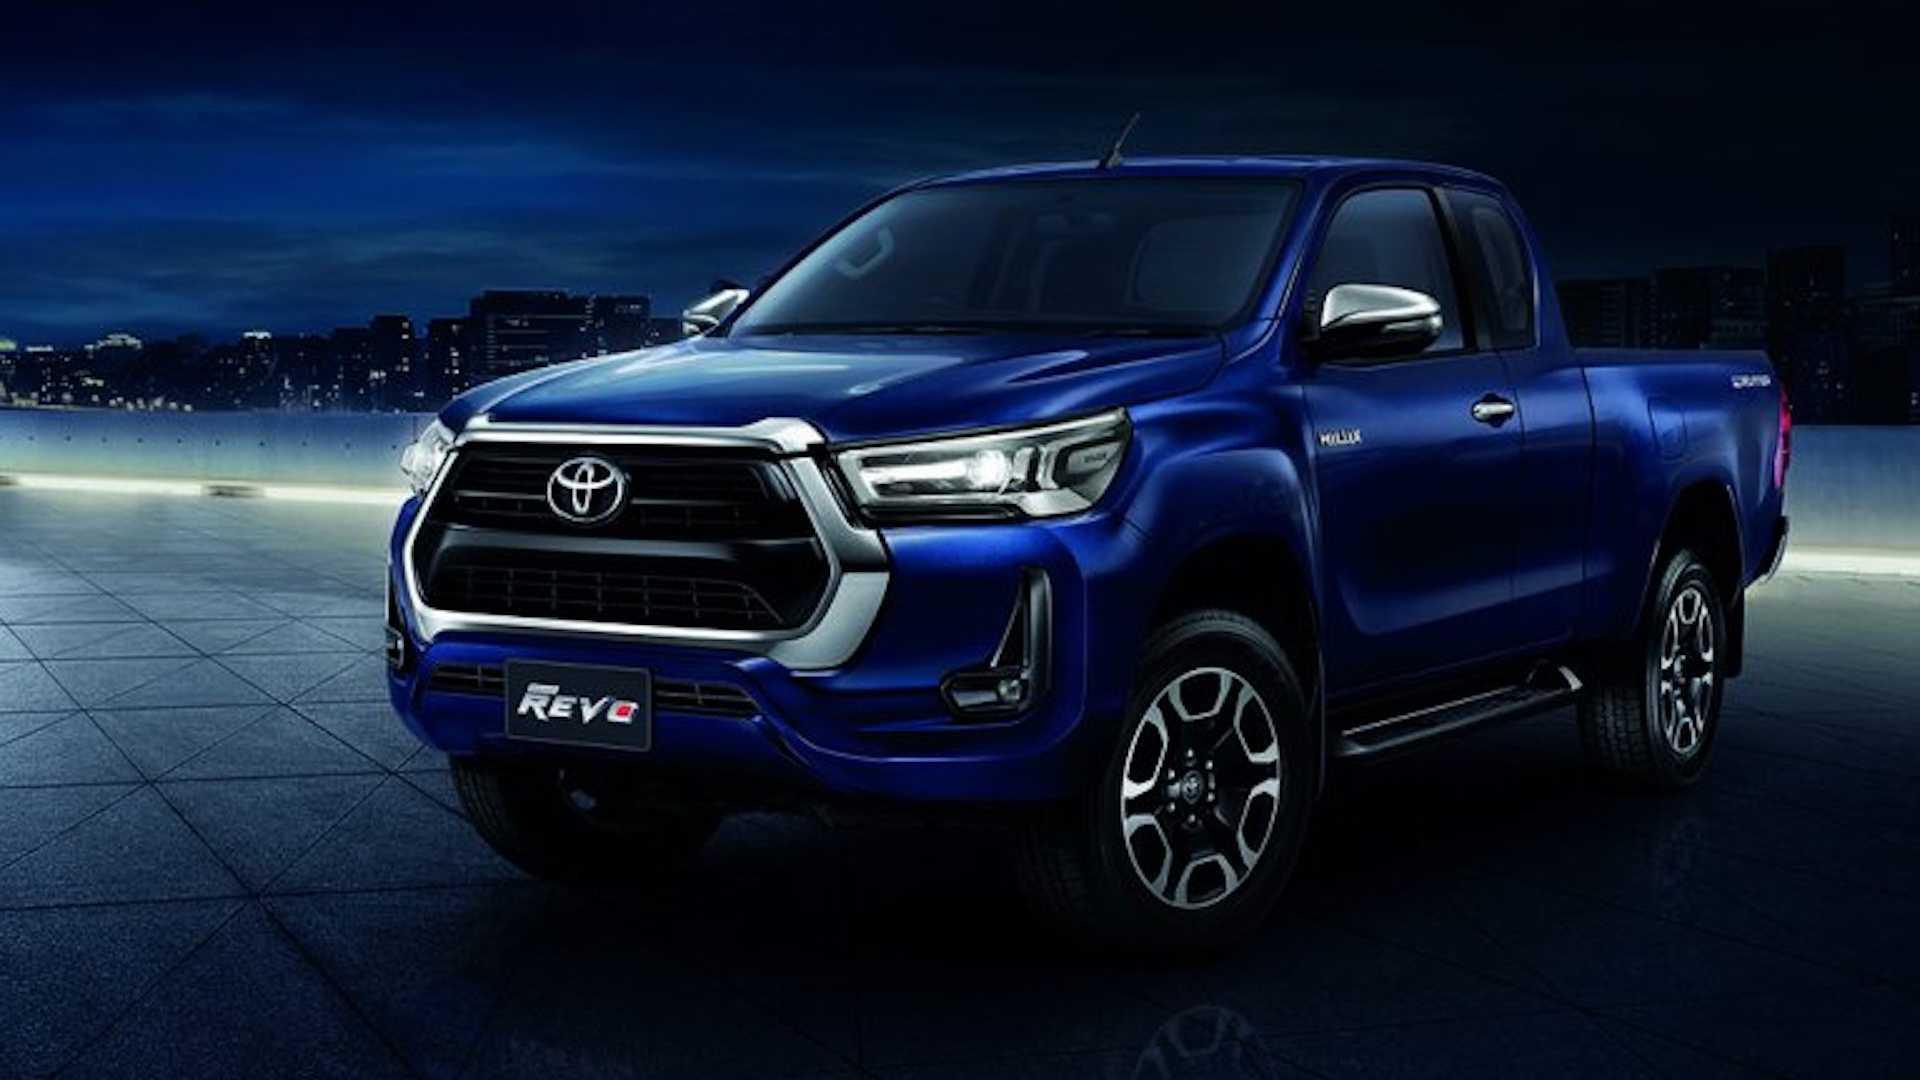 2021 Toyota Vigo Exterior